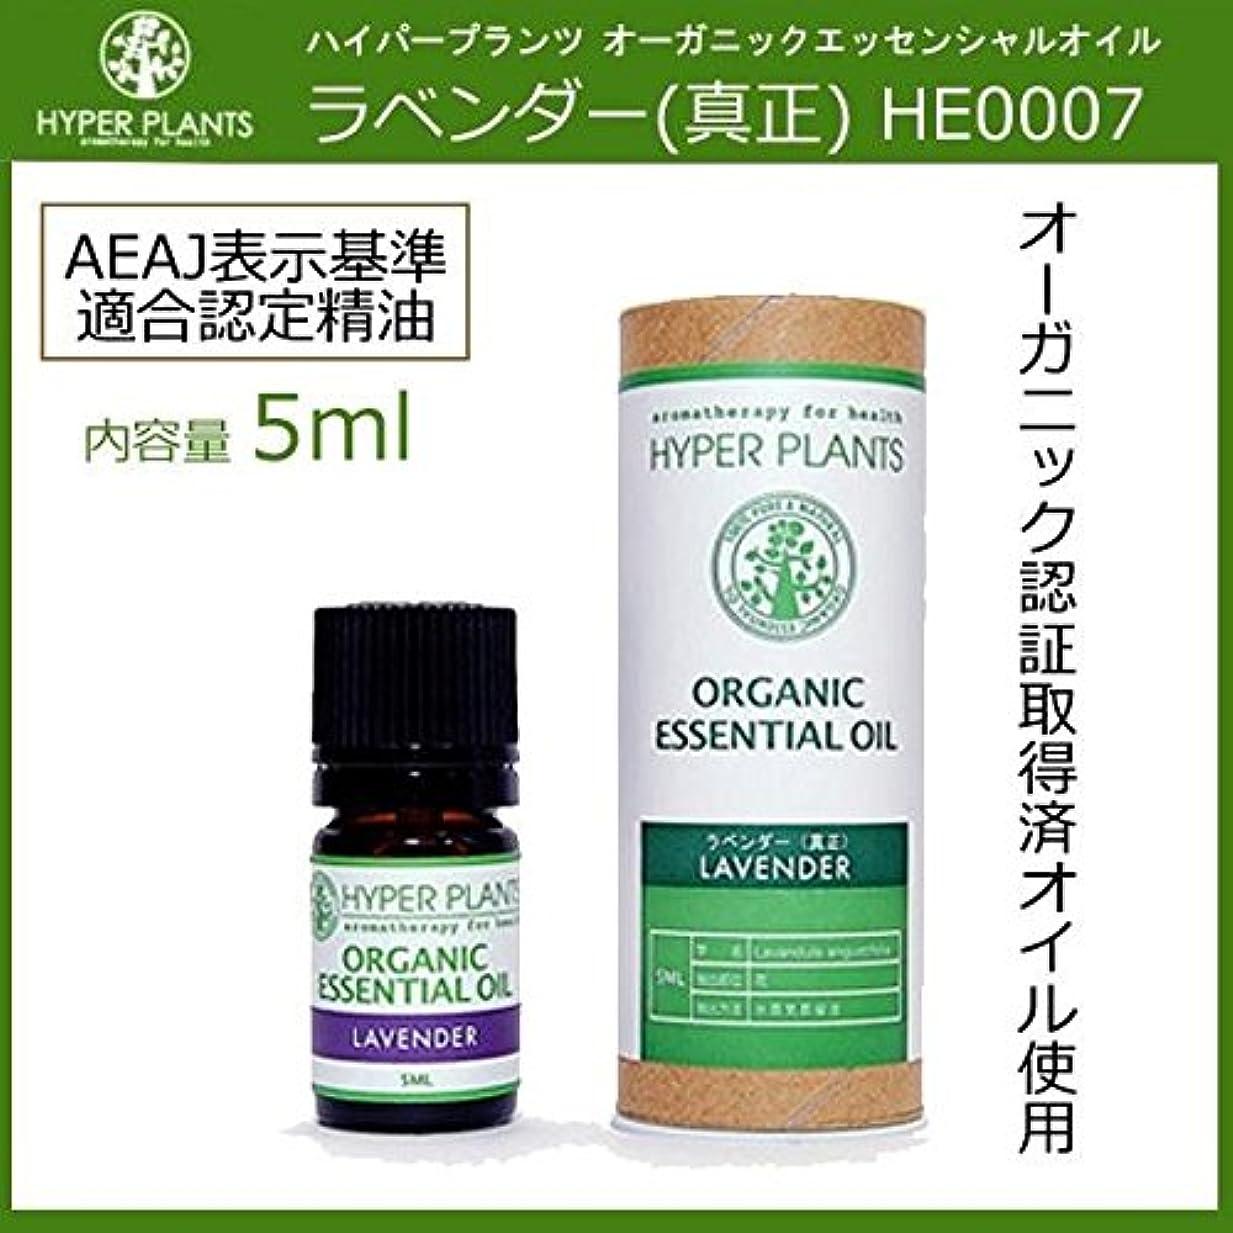 ベーコン胚芽入力HYPER PLANTS ハイパープランツ オーガニックエッセンシャルオイル ラベンダー(真正) 5ml HE0007